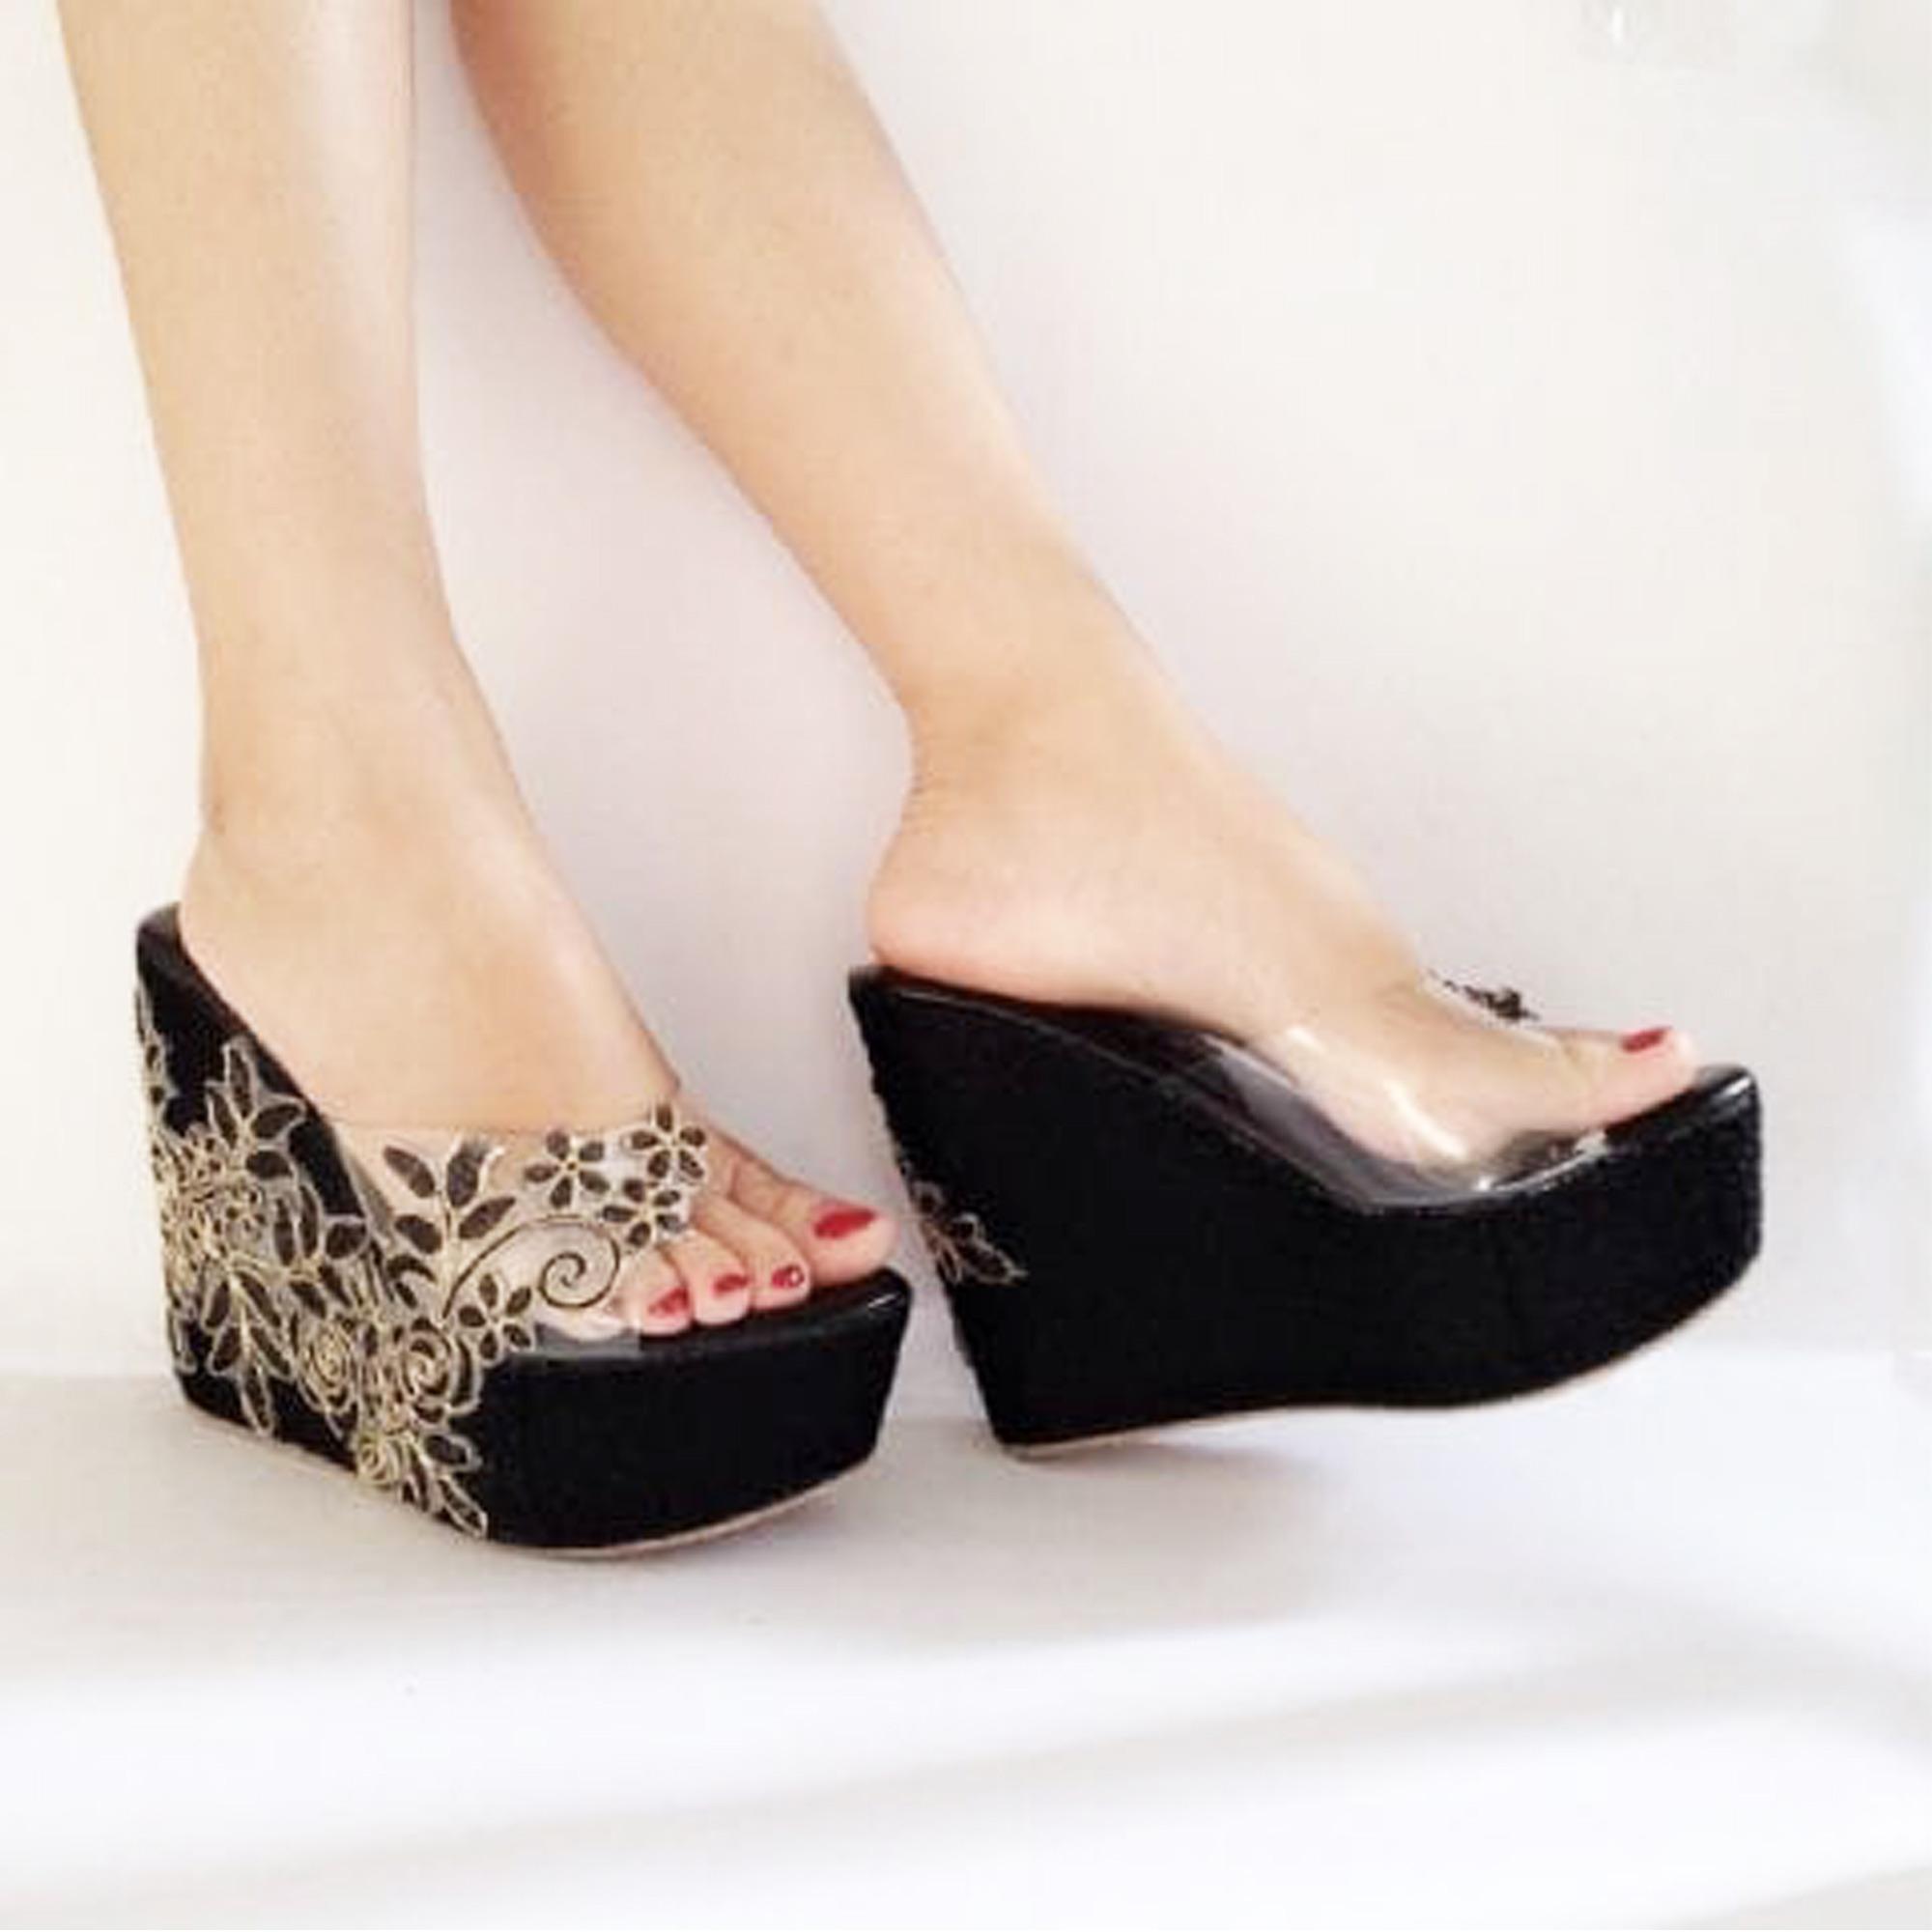 Sepatu Wanita Mary Jane Wedges Wp38 Tan Spec Dan Daftar Harga Sandal Zr01 Hitam Page 4 Update Source Femine